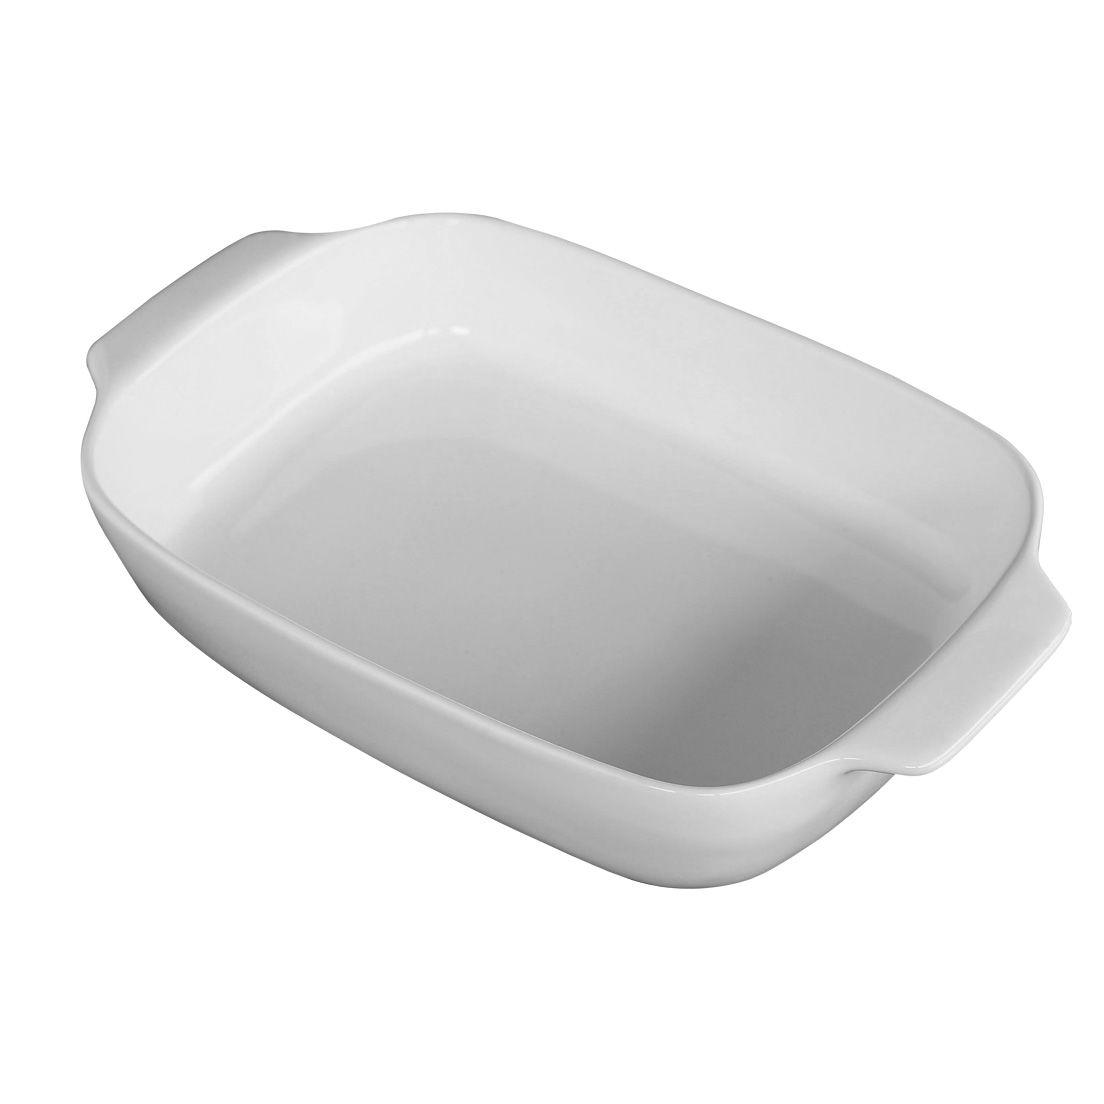 Forma Assadeira para Micro-Ondas, Forno Convencional e Elétrico de Cerâmica Retangular com Alça Branca 34Cm